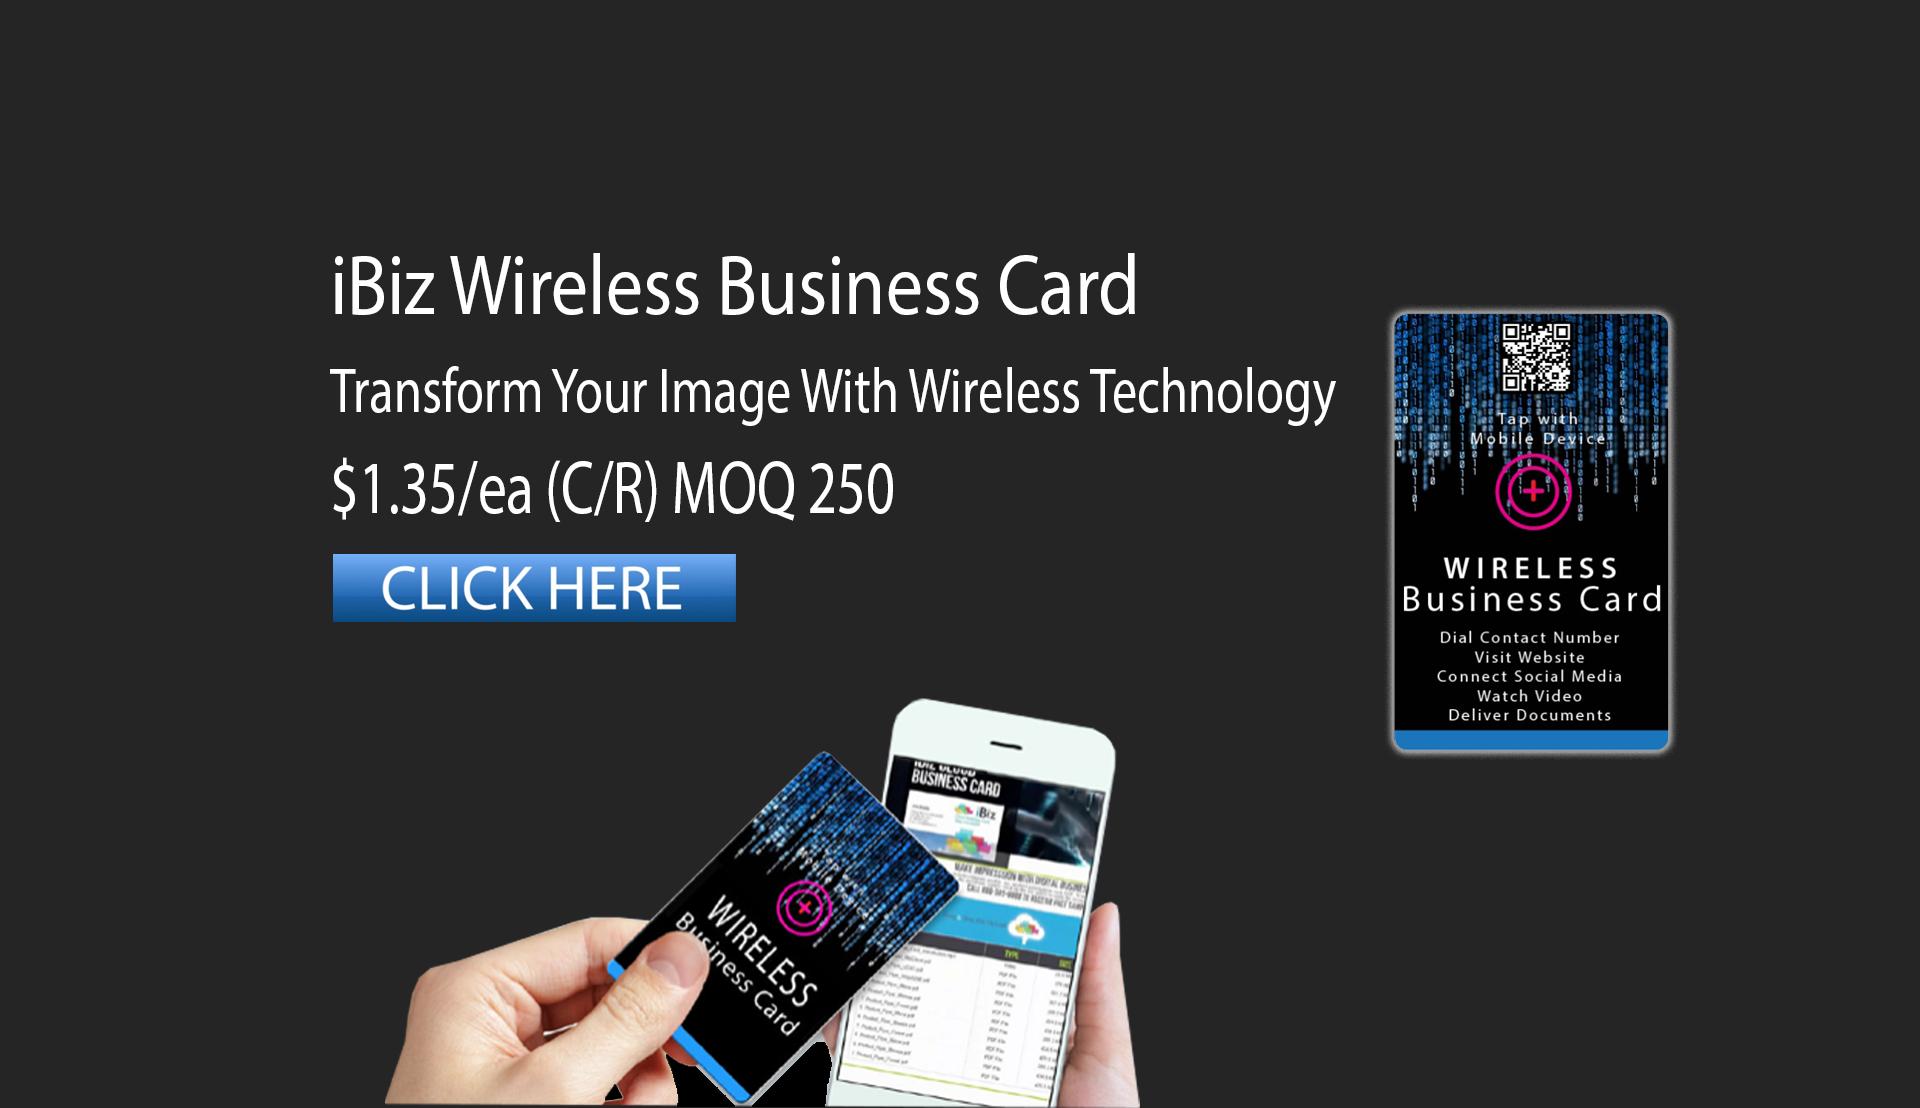 iBiz Wireless Card